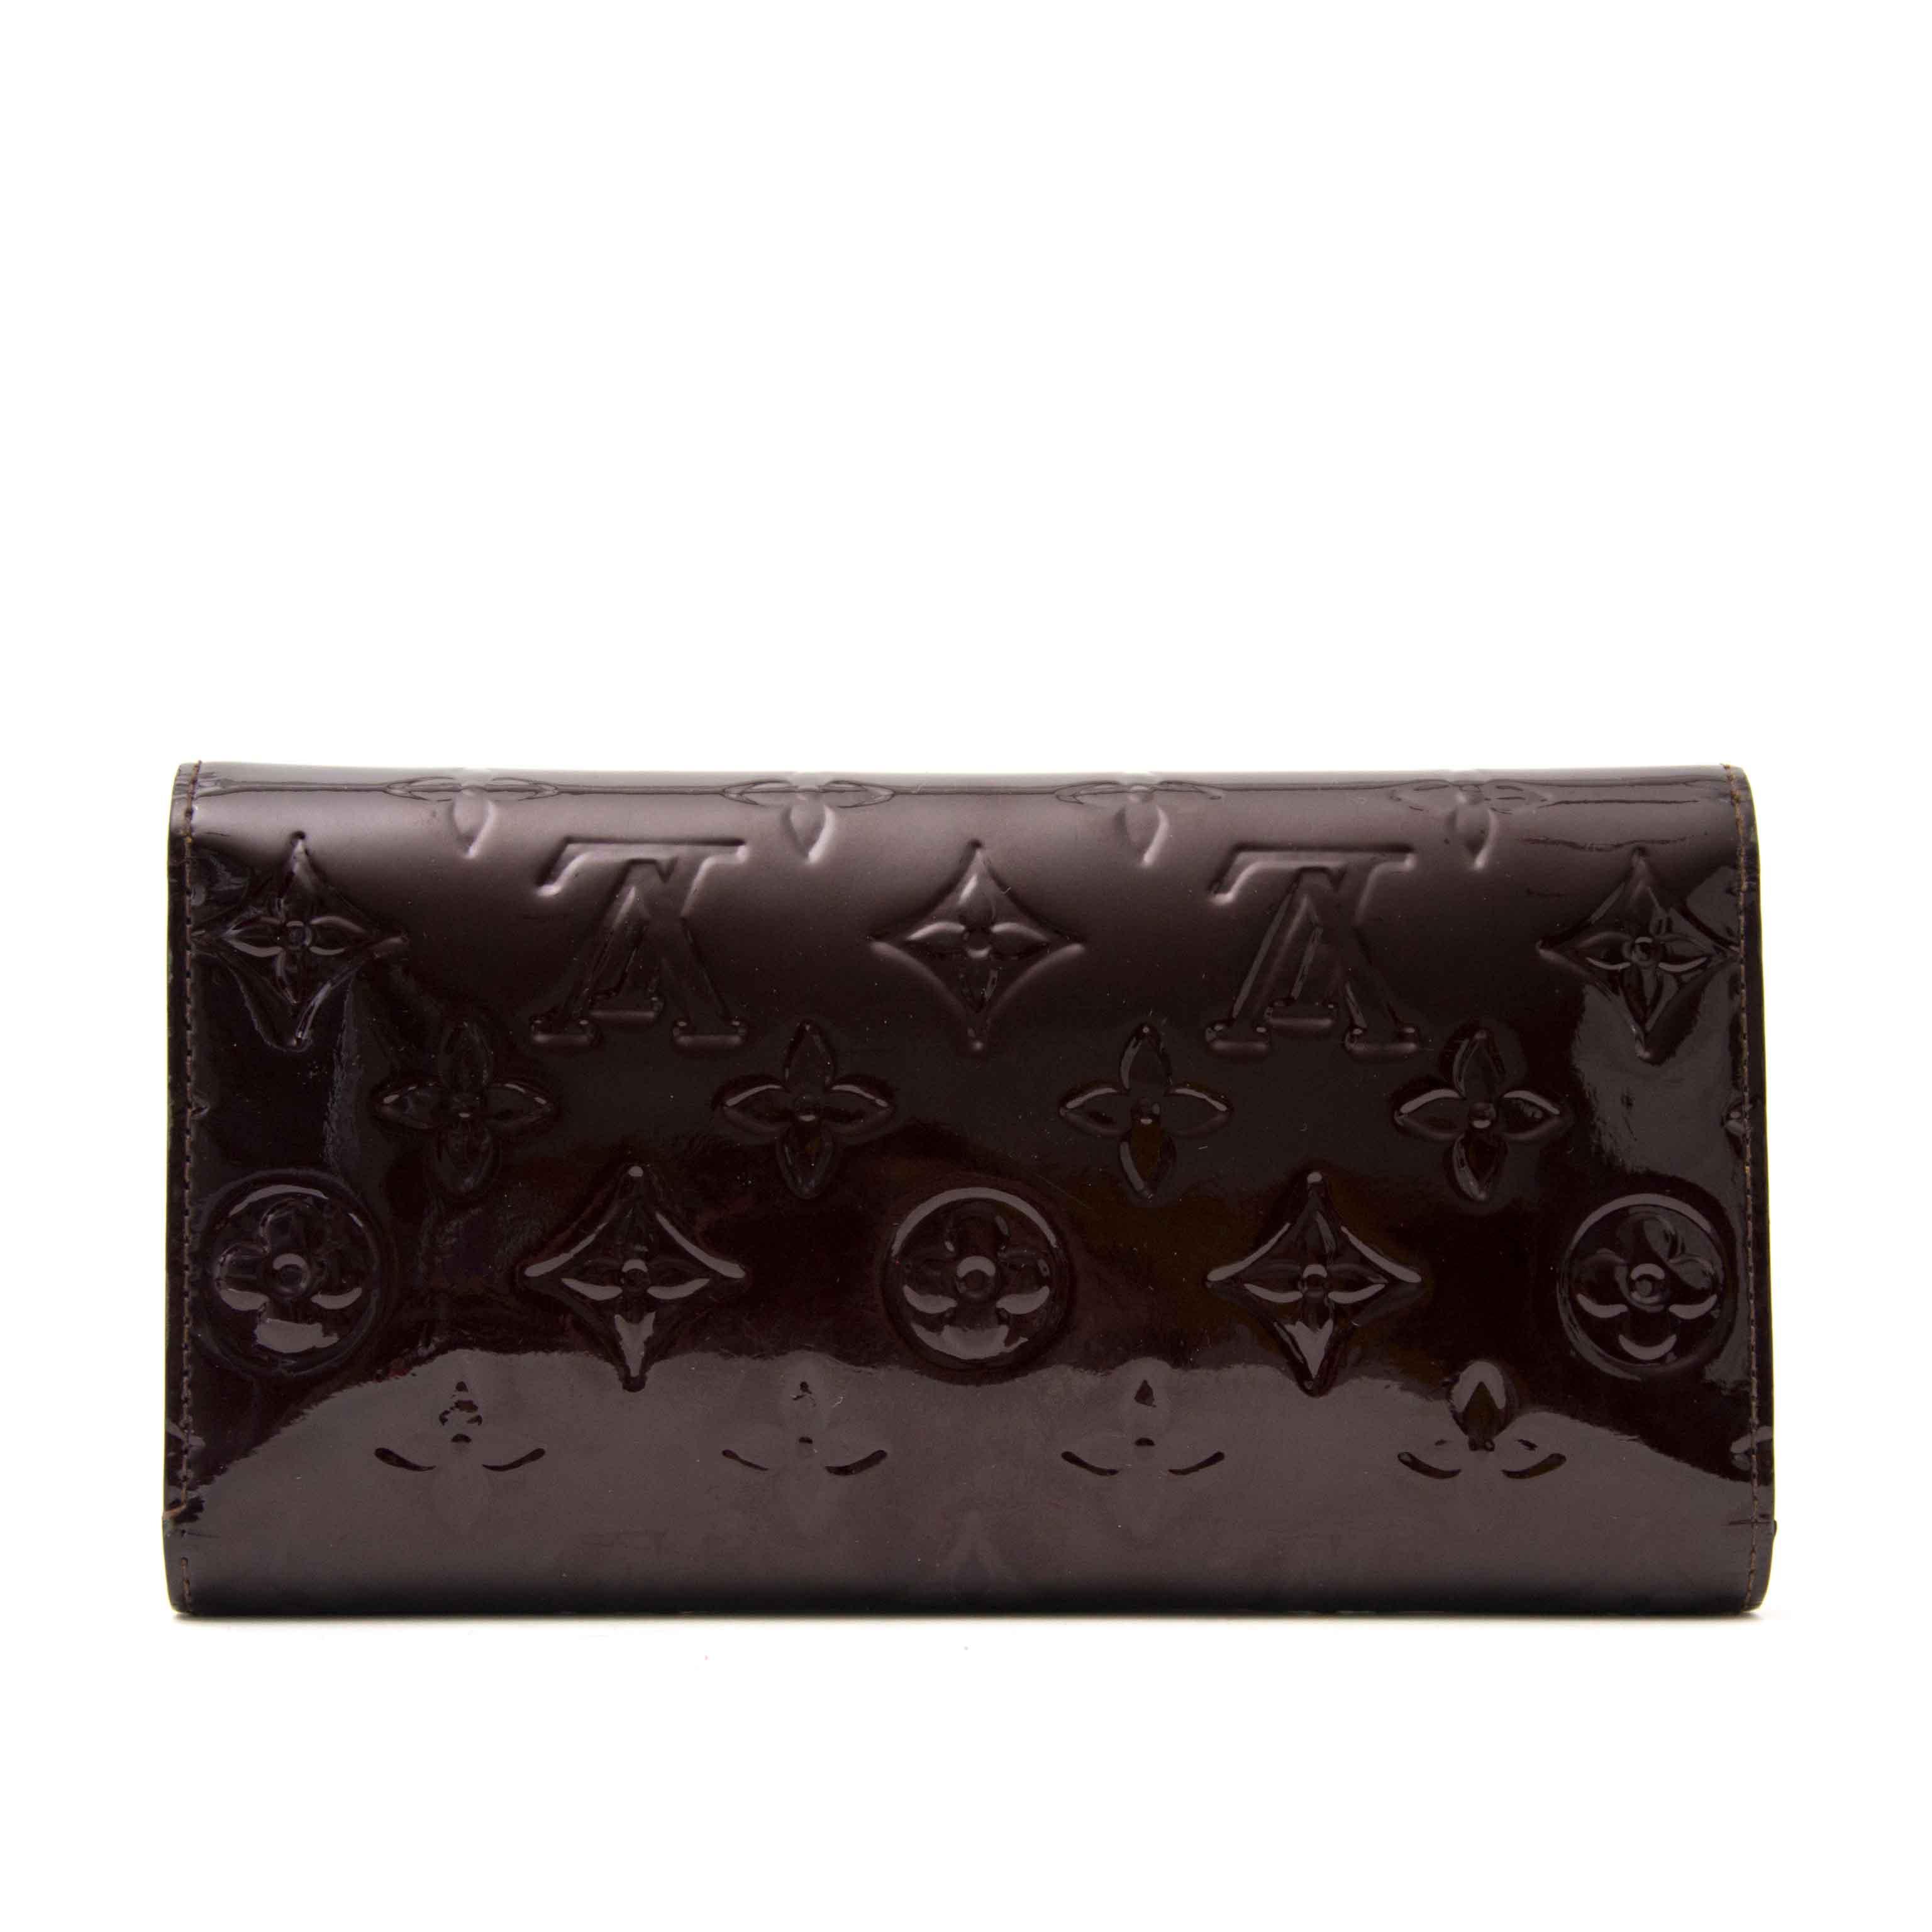 Acheter en ligne chez Labellov.com Louis Vuitton Amarente Patent Sarah Wallet